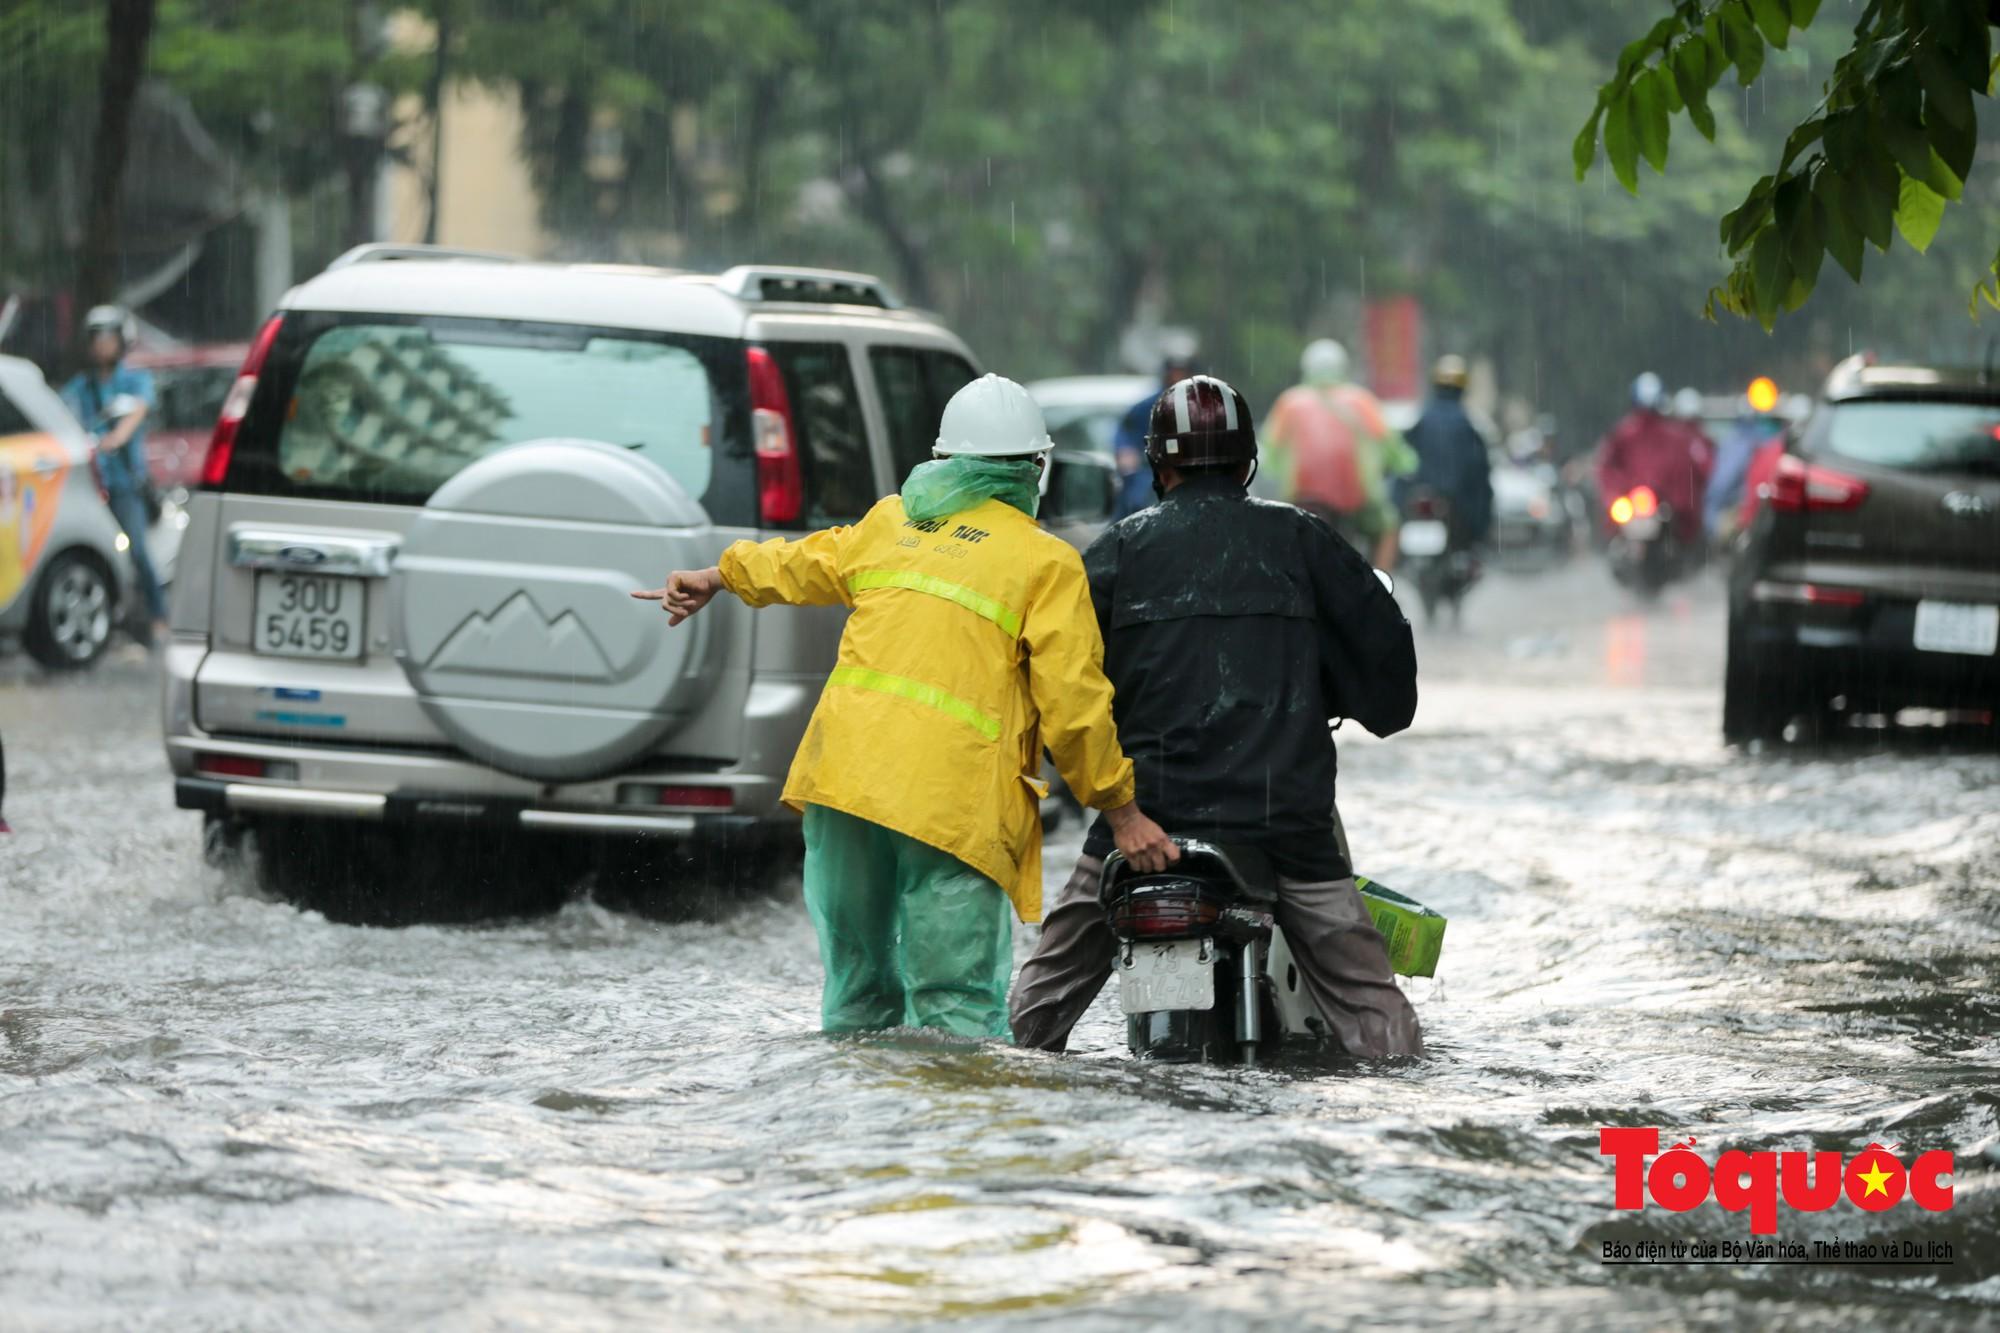 Hà Nội mưa lớn bất ngờ, nhiều tuyến đường lại ngập trong sâu biển nước11